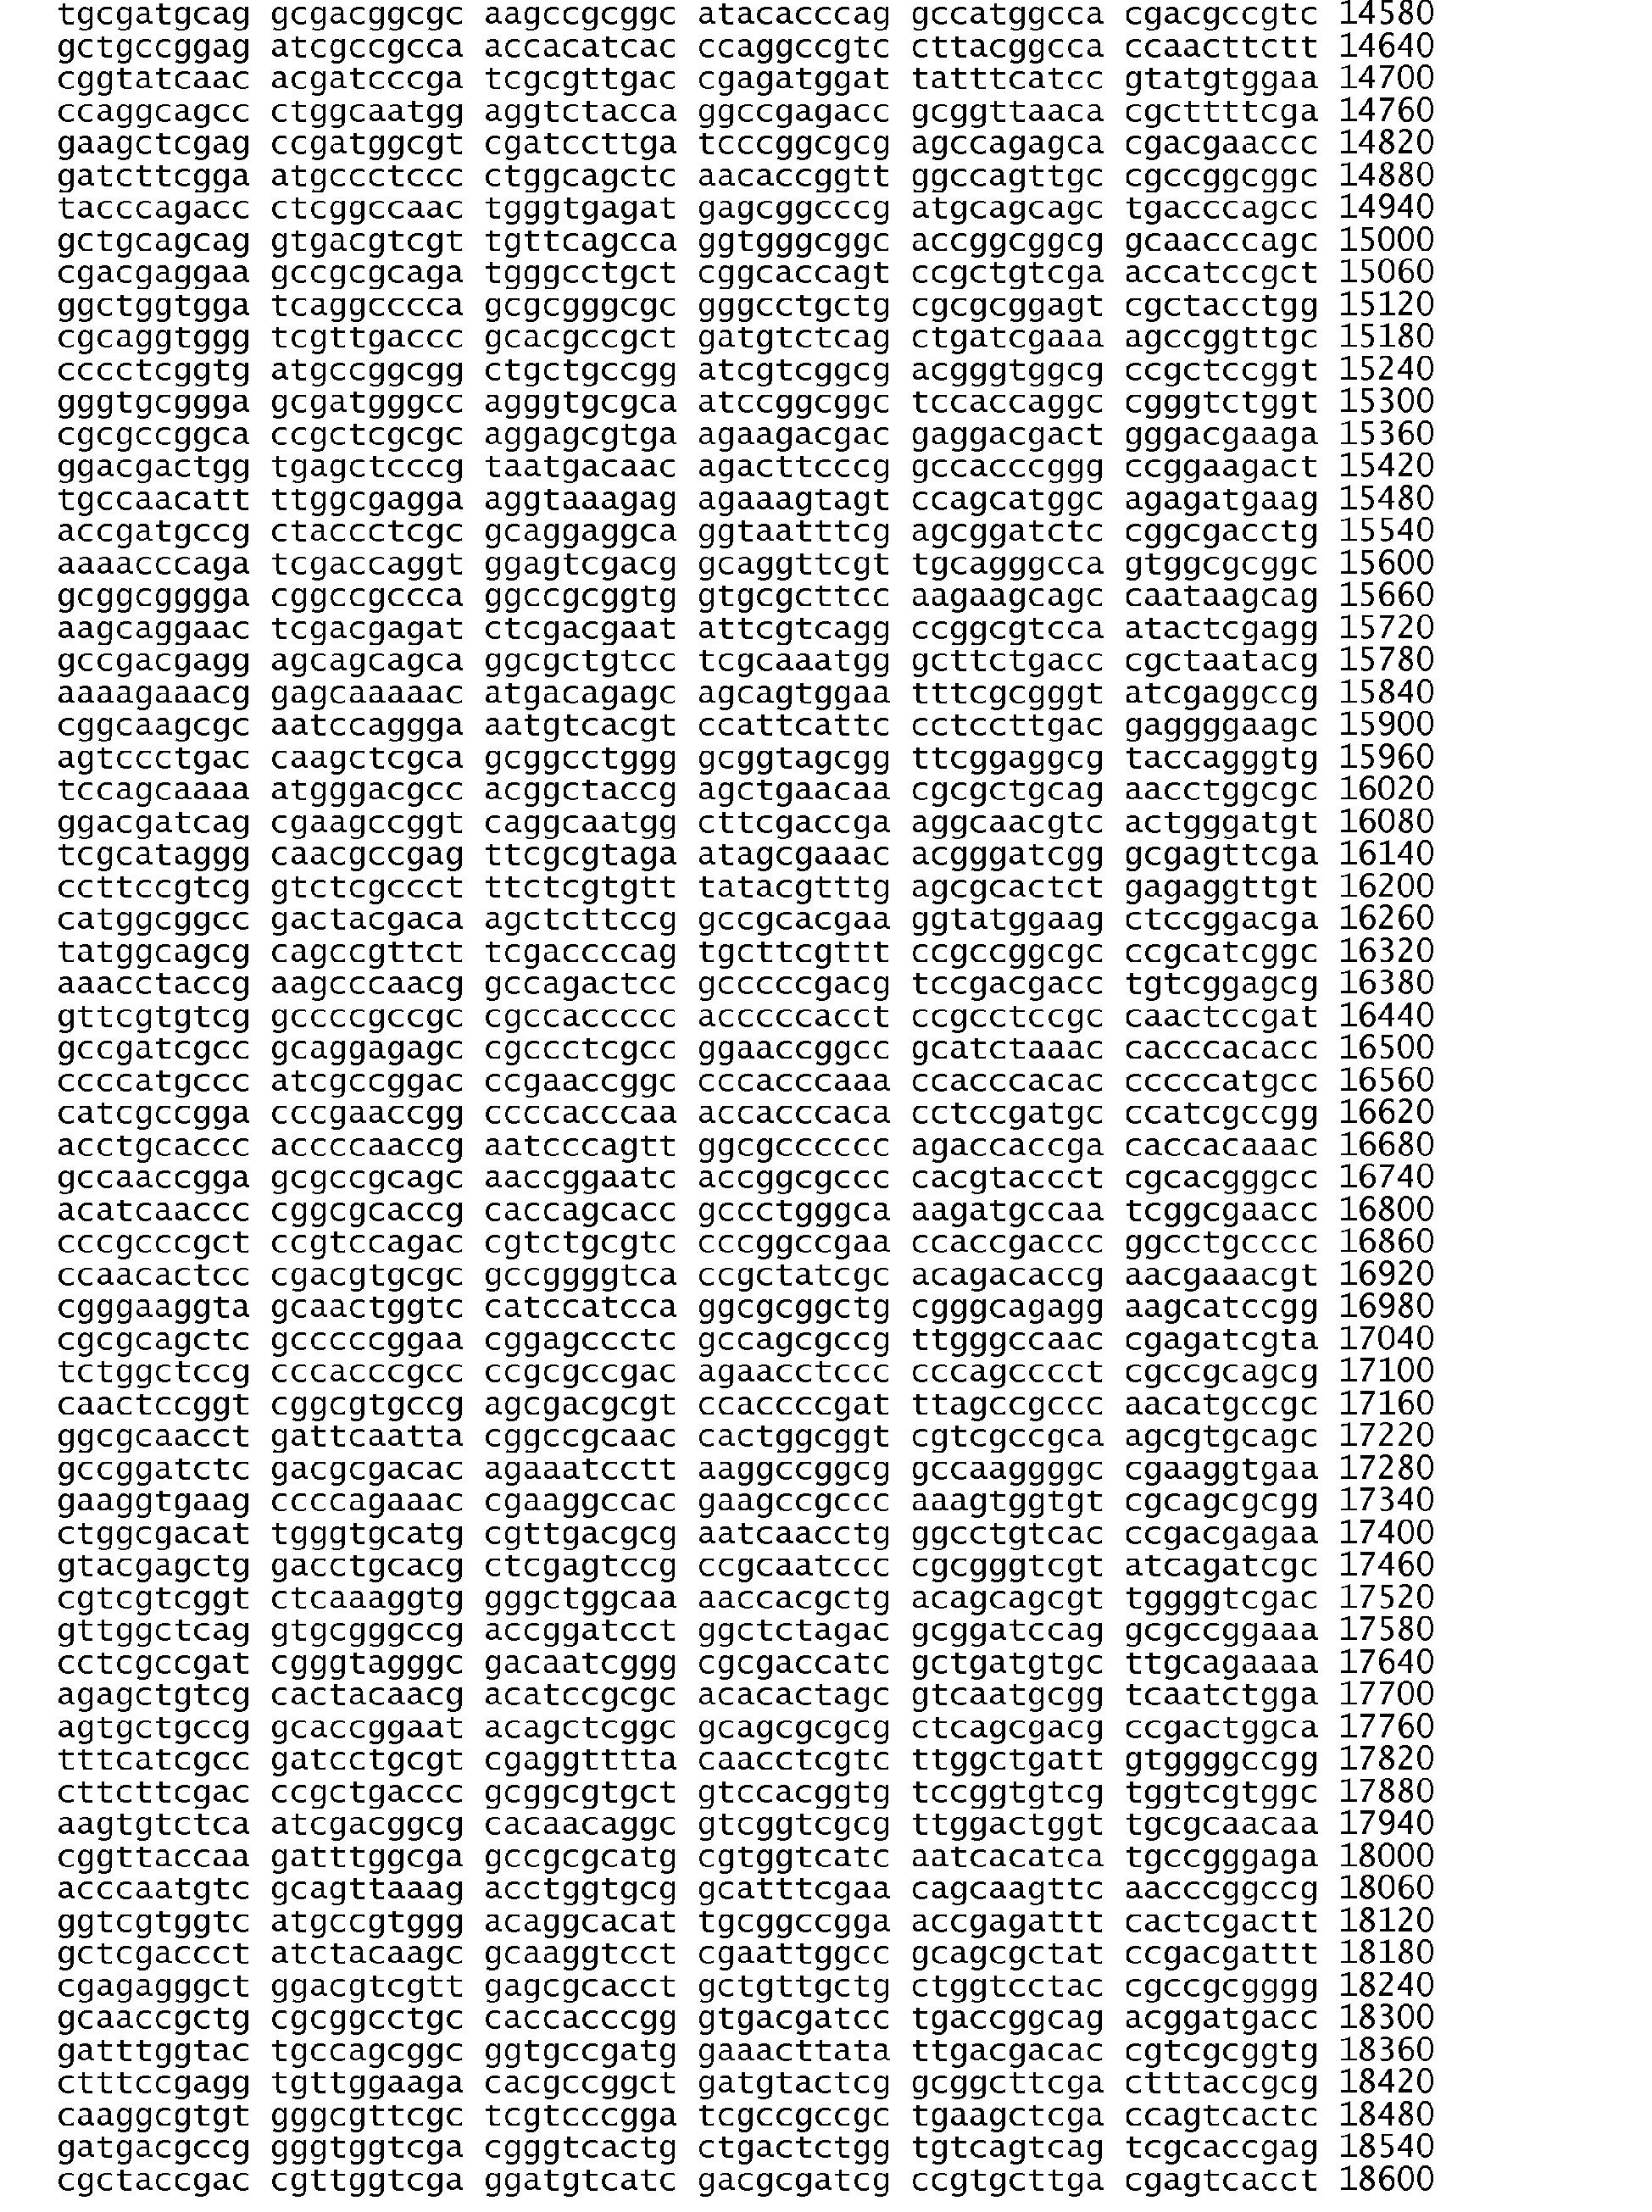 微观经济学课后习题_m法名词解释_生物统计学名词解释_偶然设计状况名词解释_德尔菲 ...